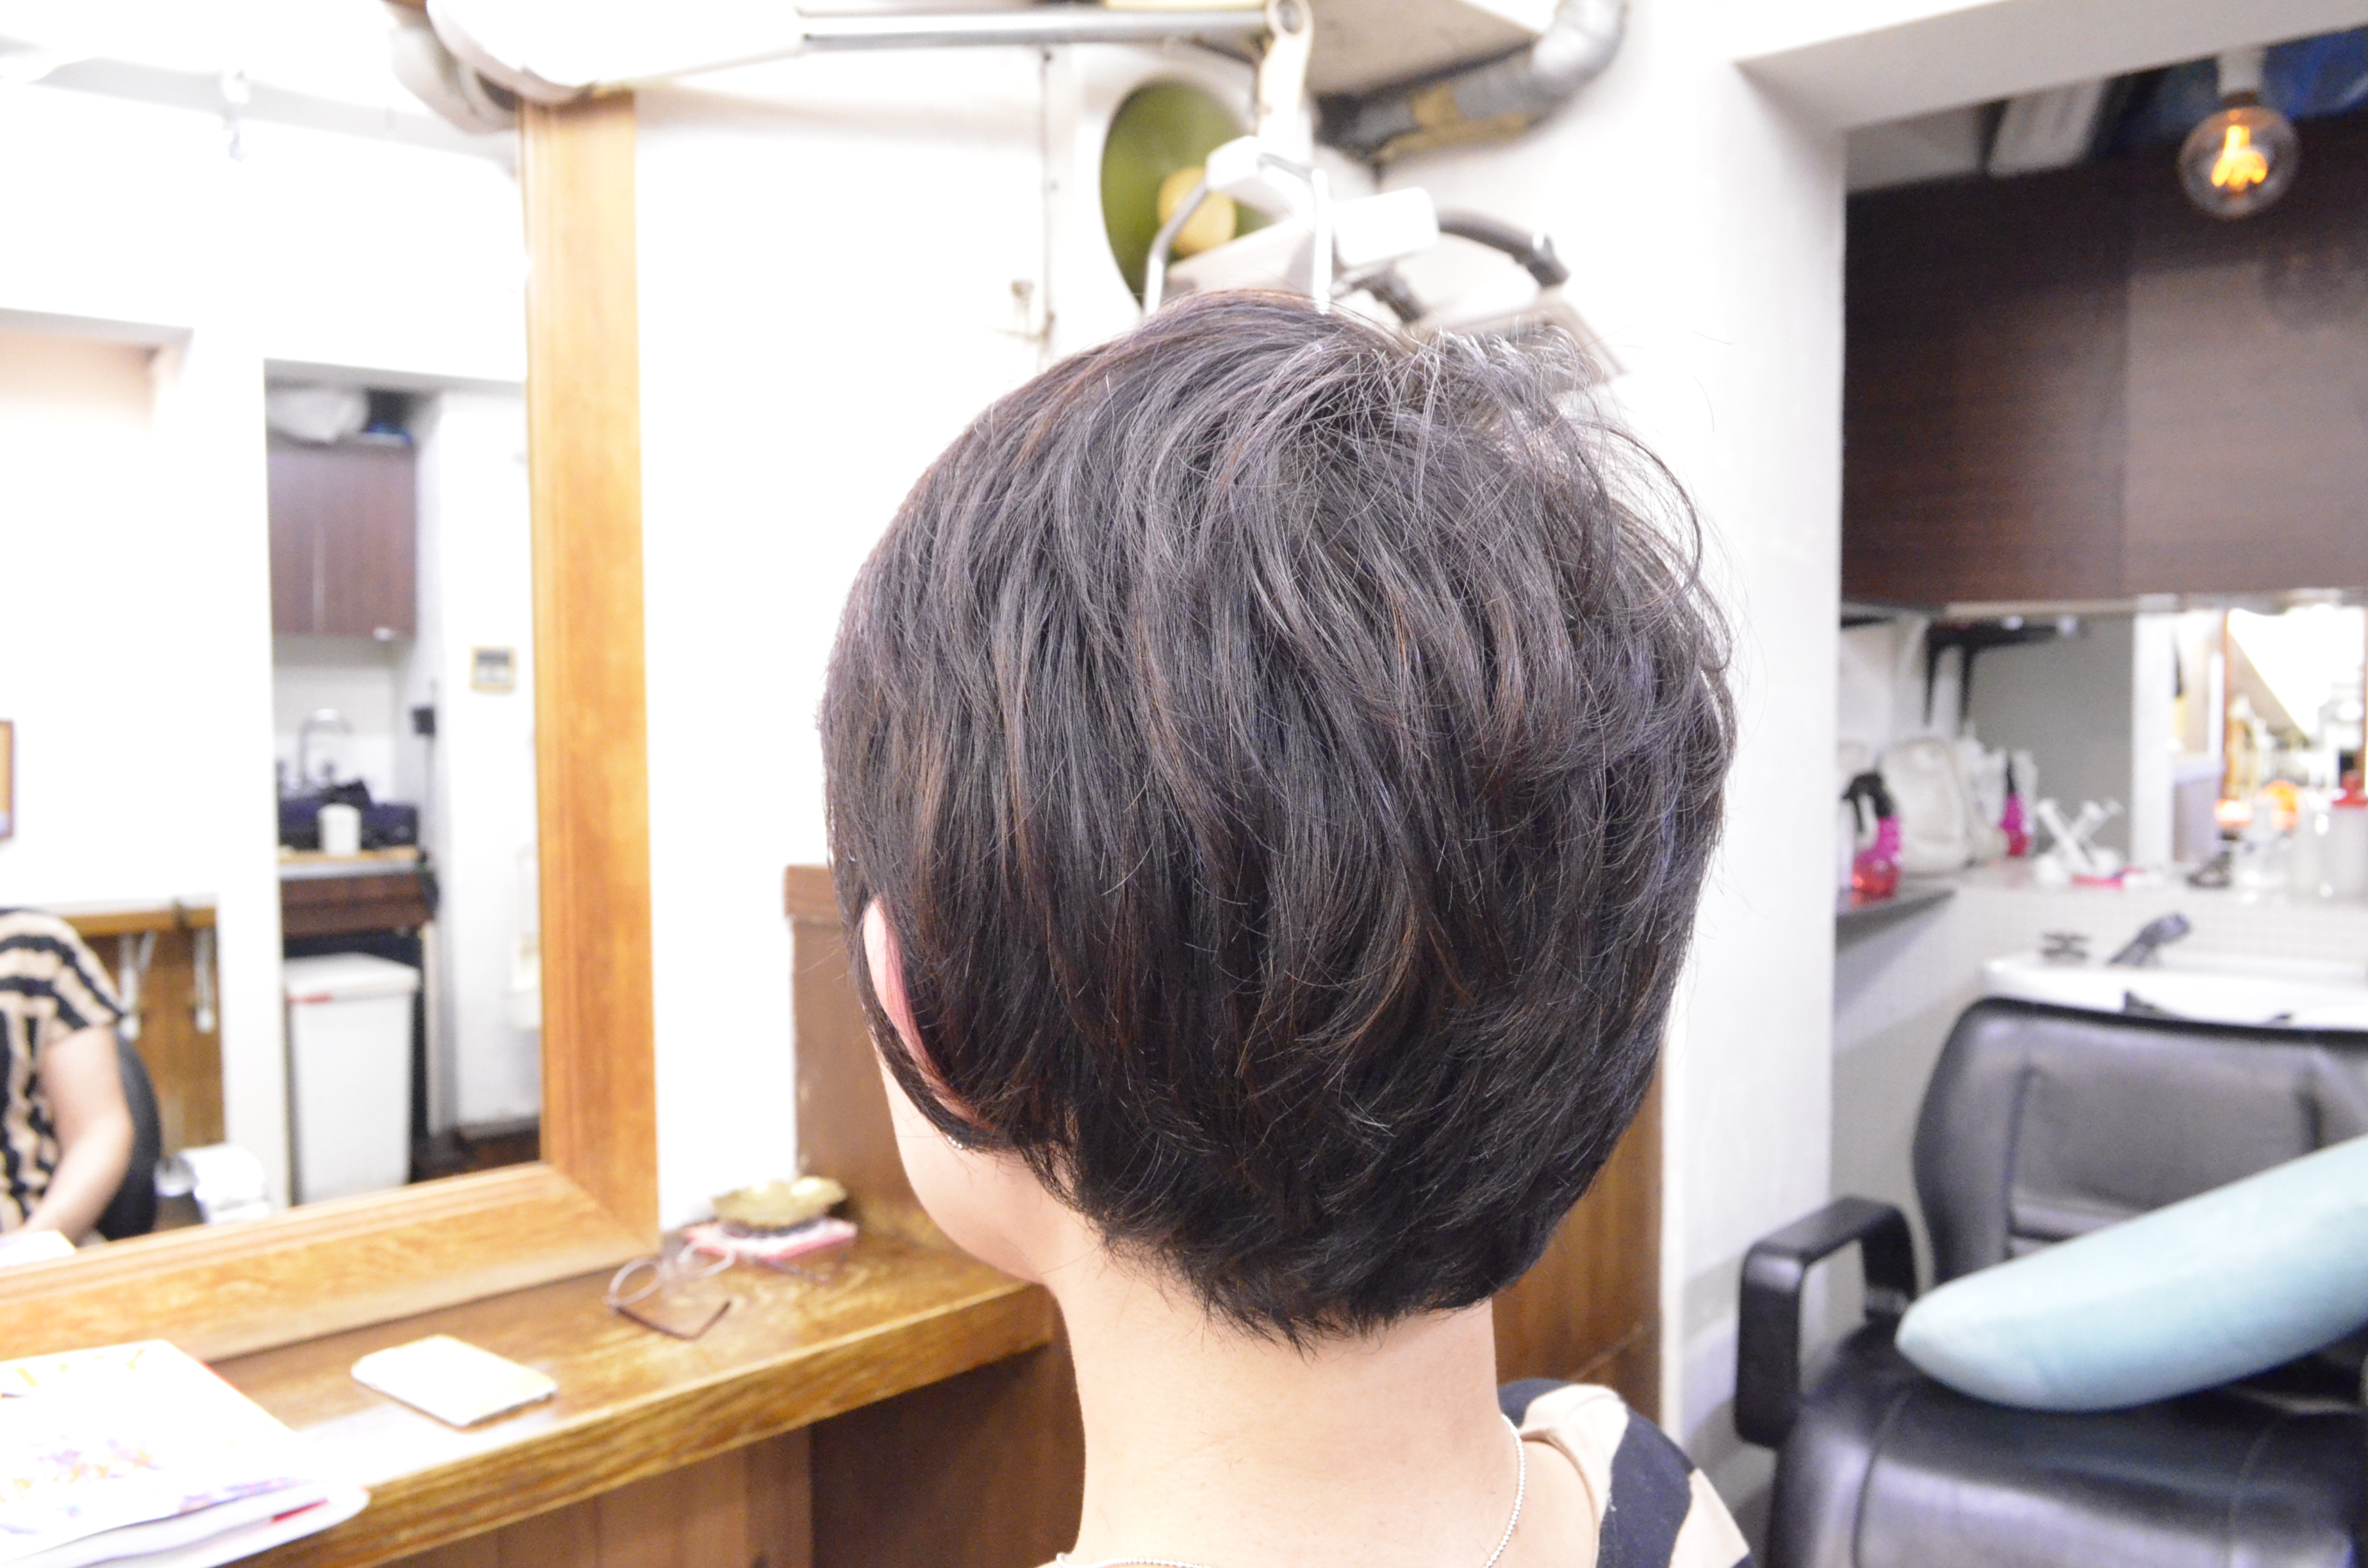 くせ毛でショートスタイルに6